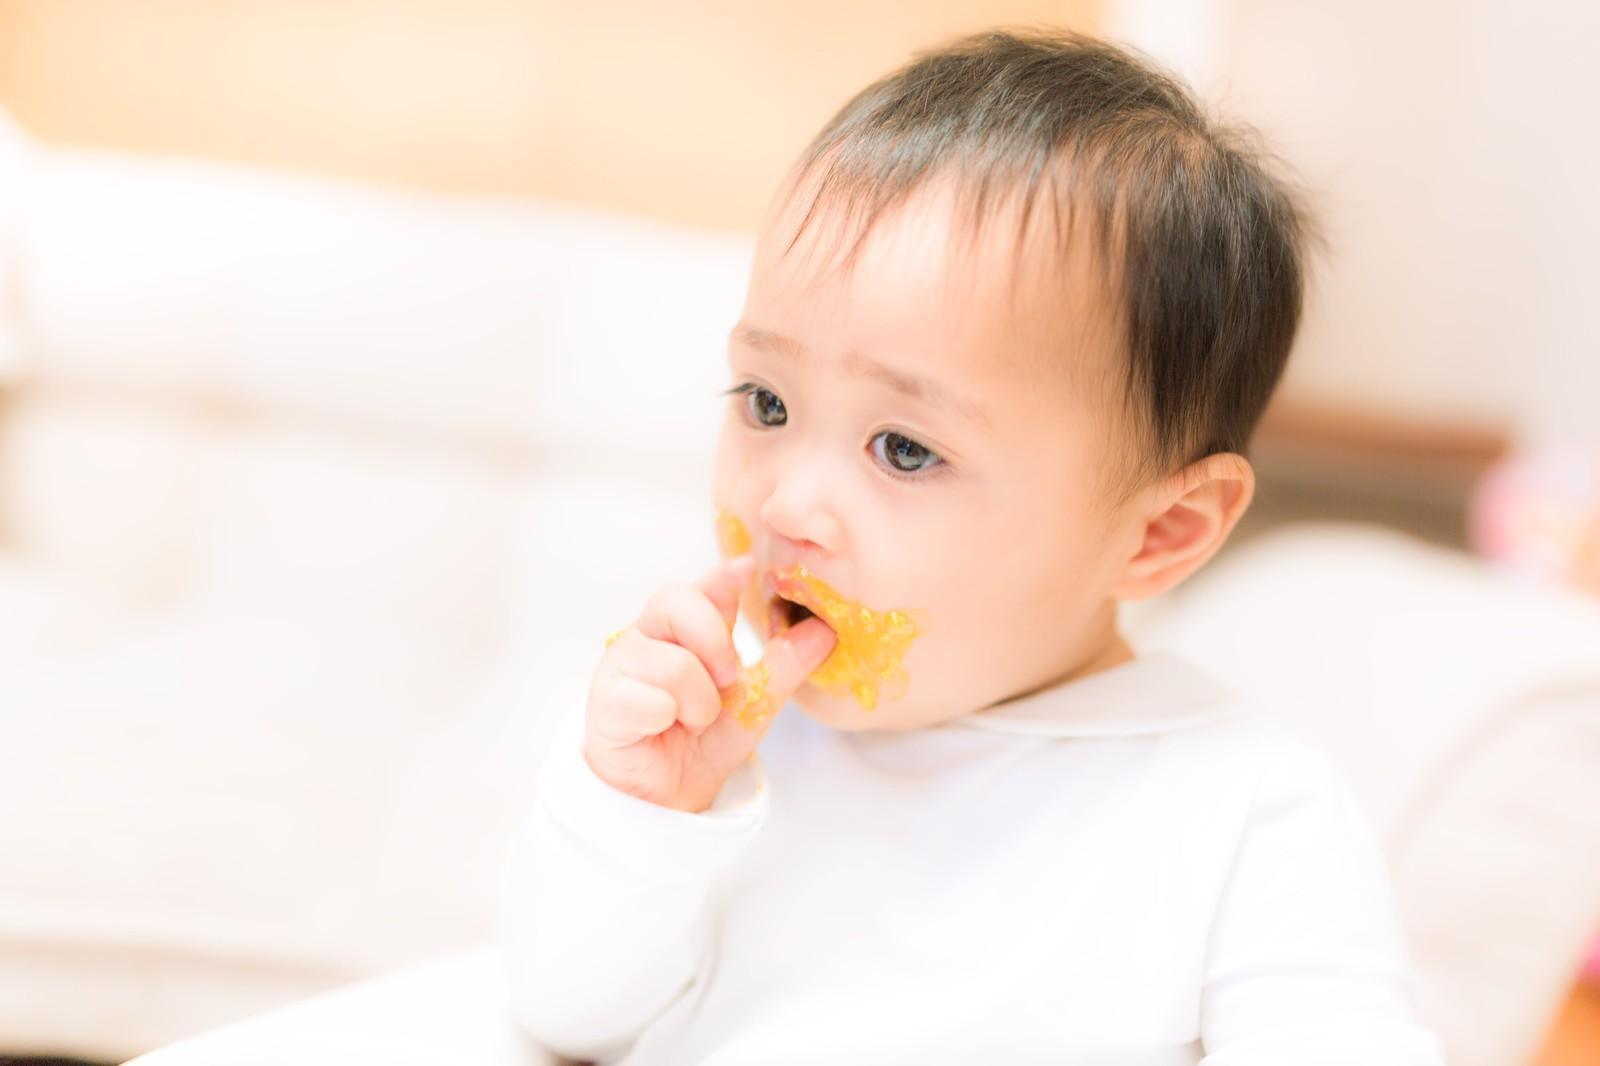 食物アレルギーの最新研究と効果的な予防法についてのまとめ2017